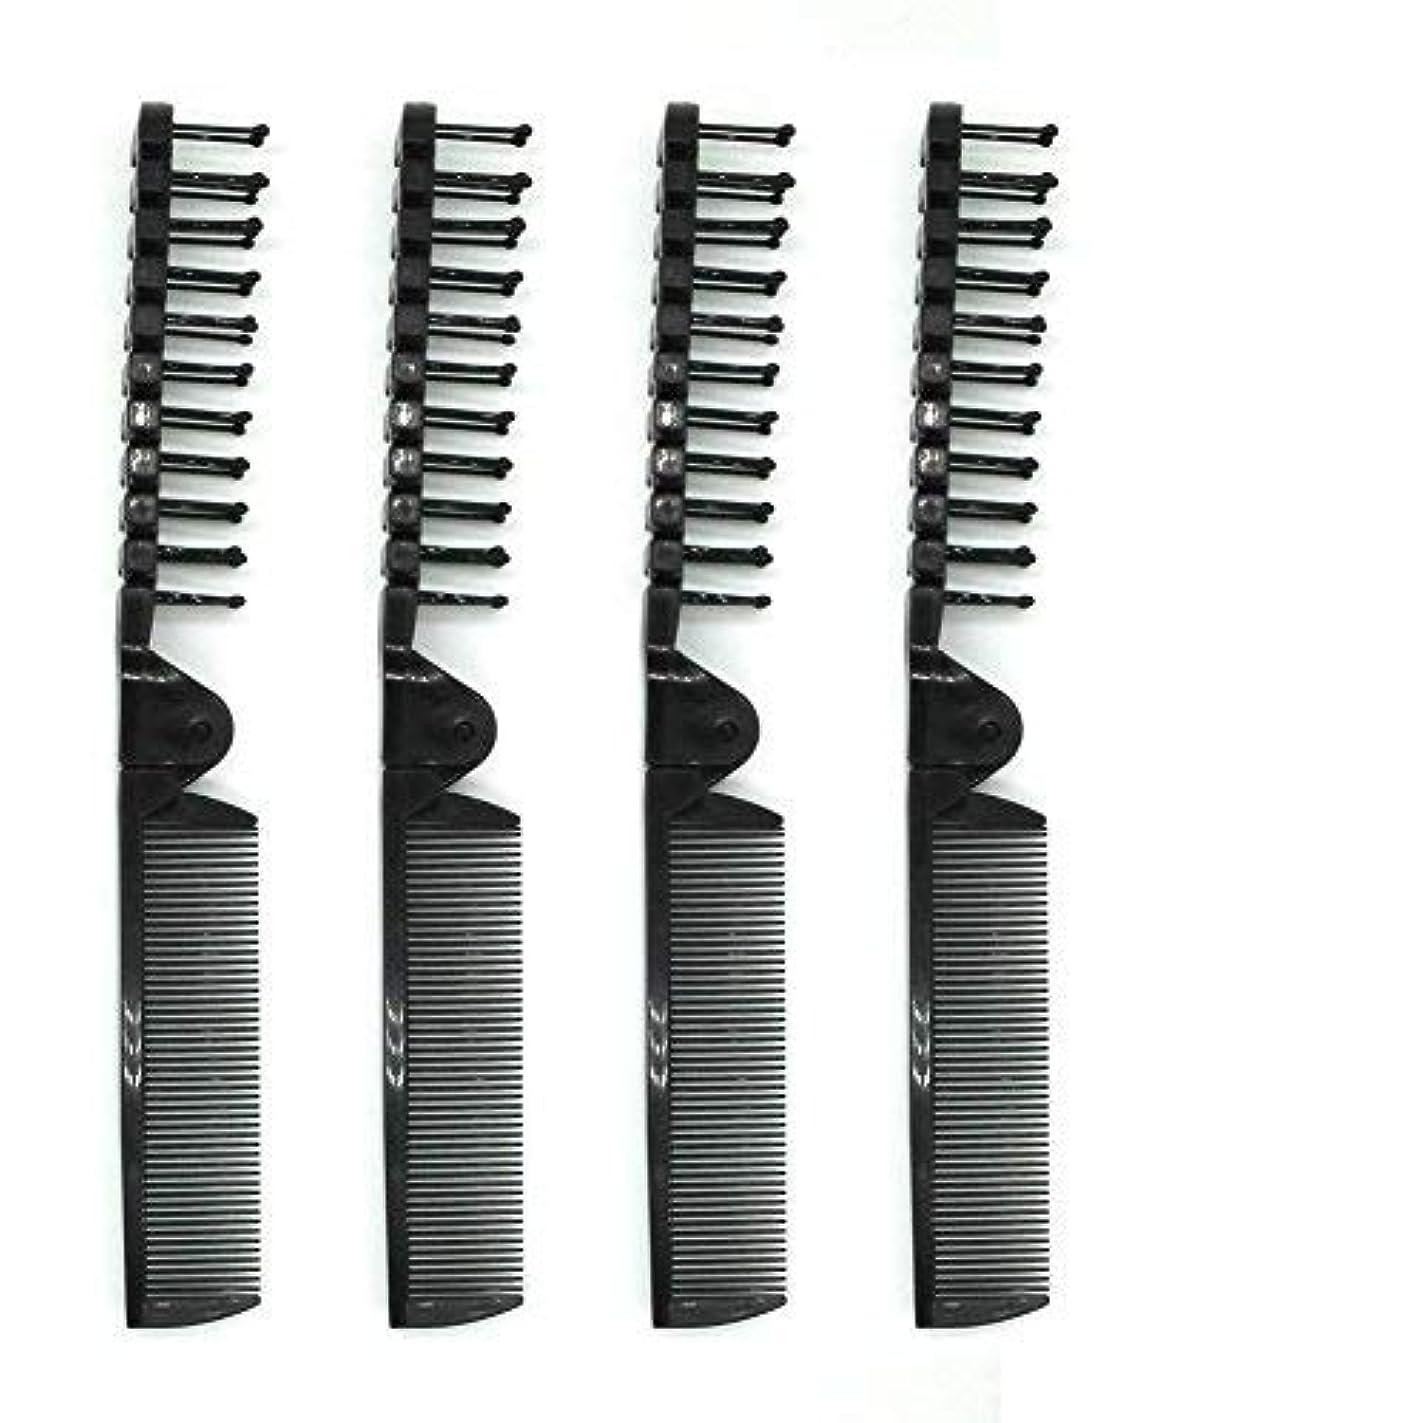 無力スペア人口PUTYSUUN Portable Travel Comb Brush Combo Folding, Antistatic (Black) Pack of 4 [並行輸入品]